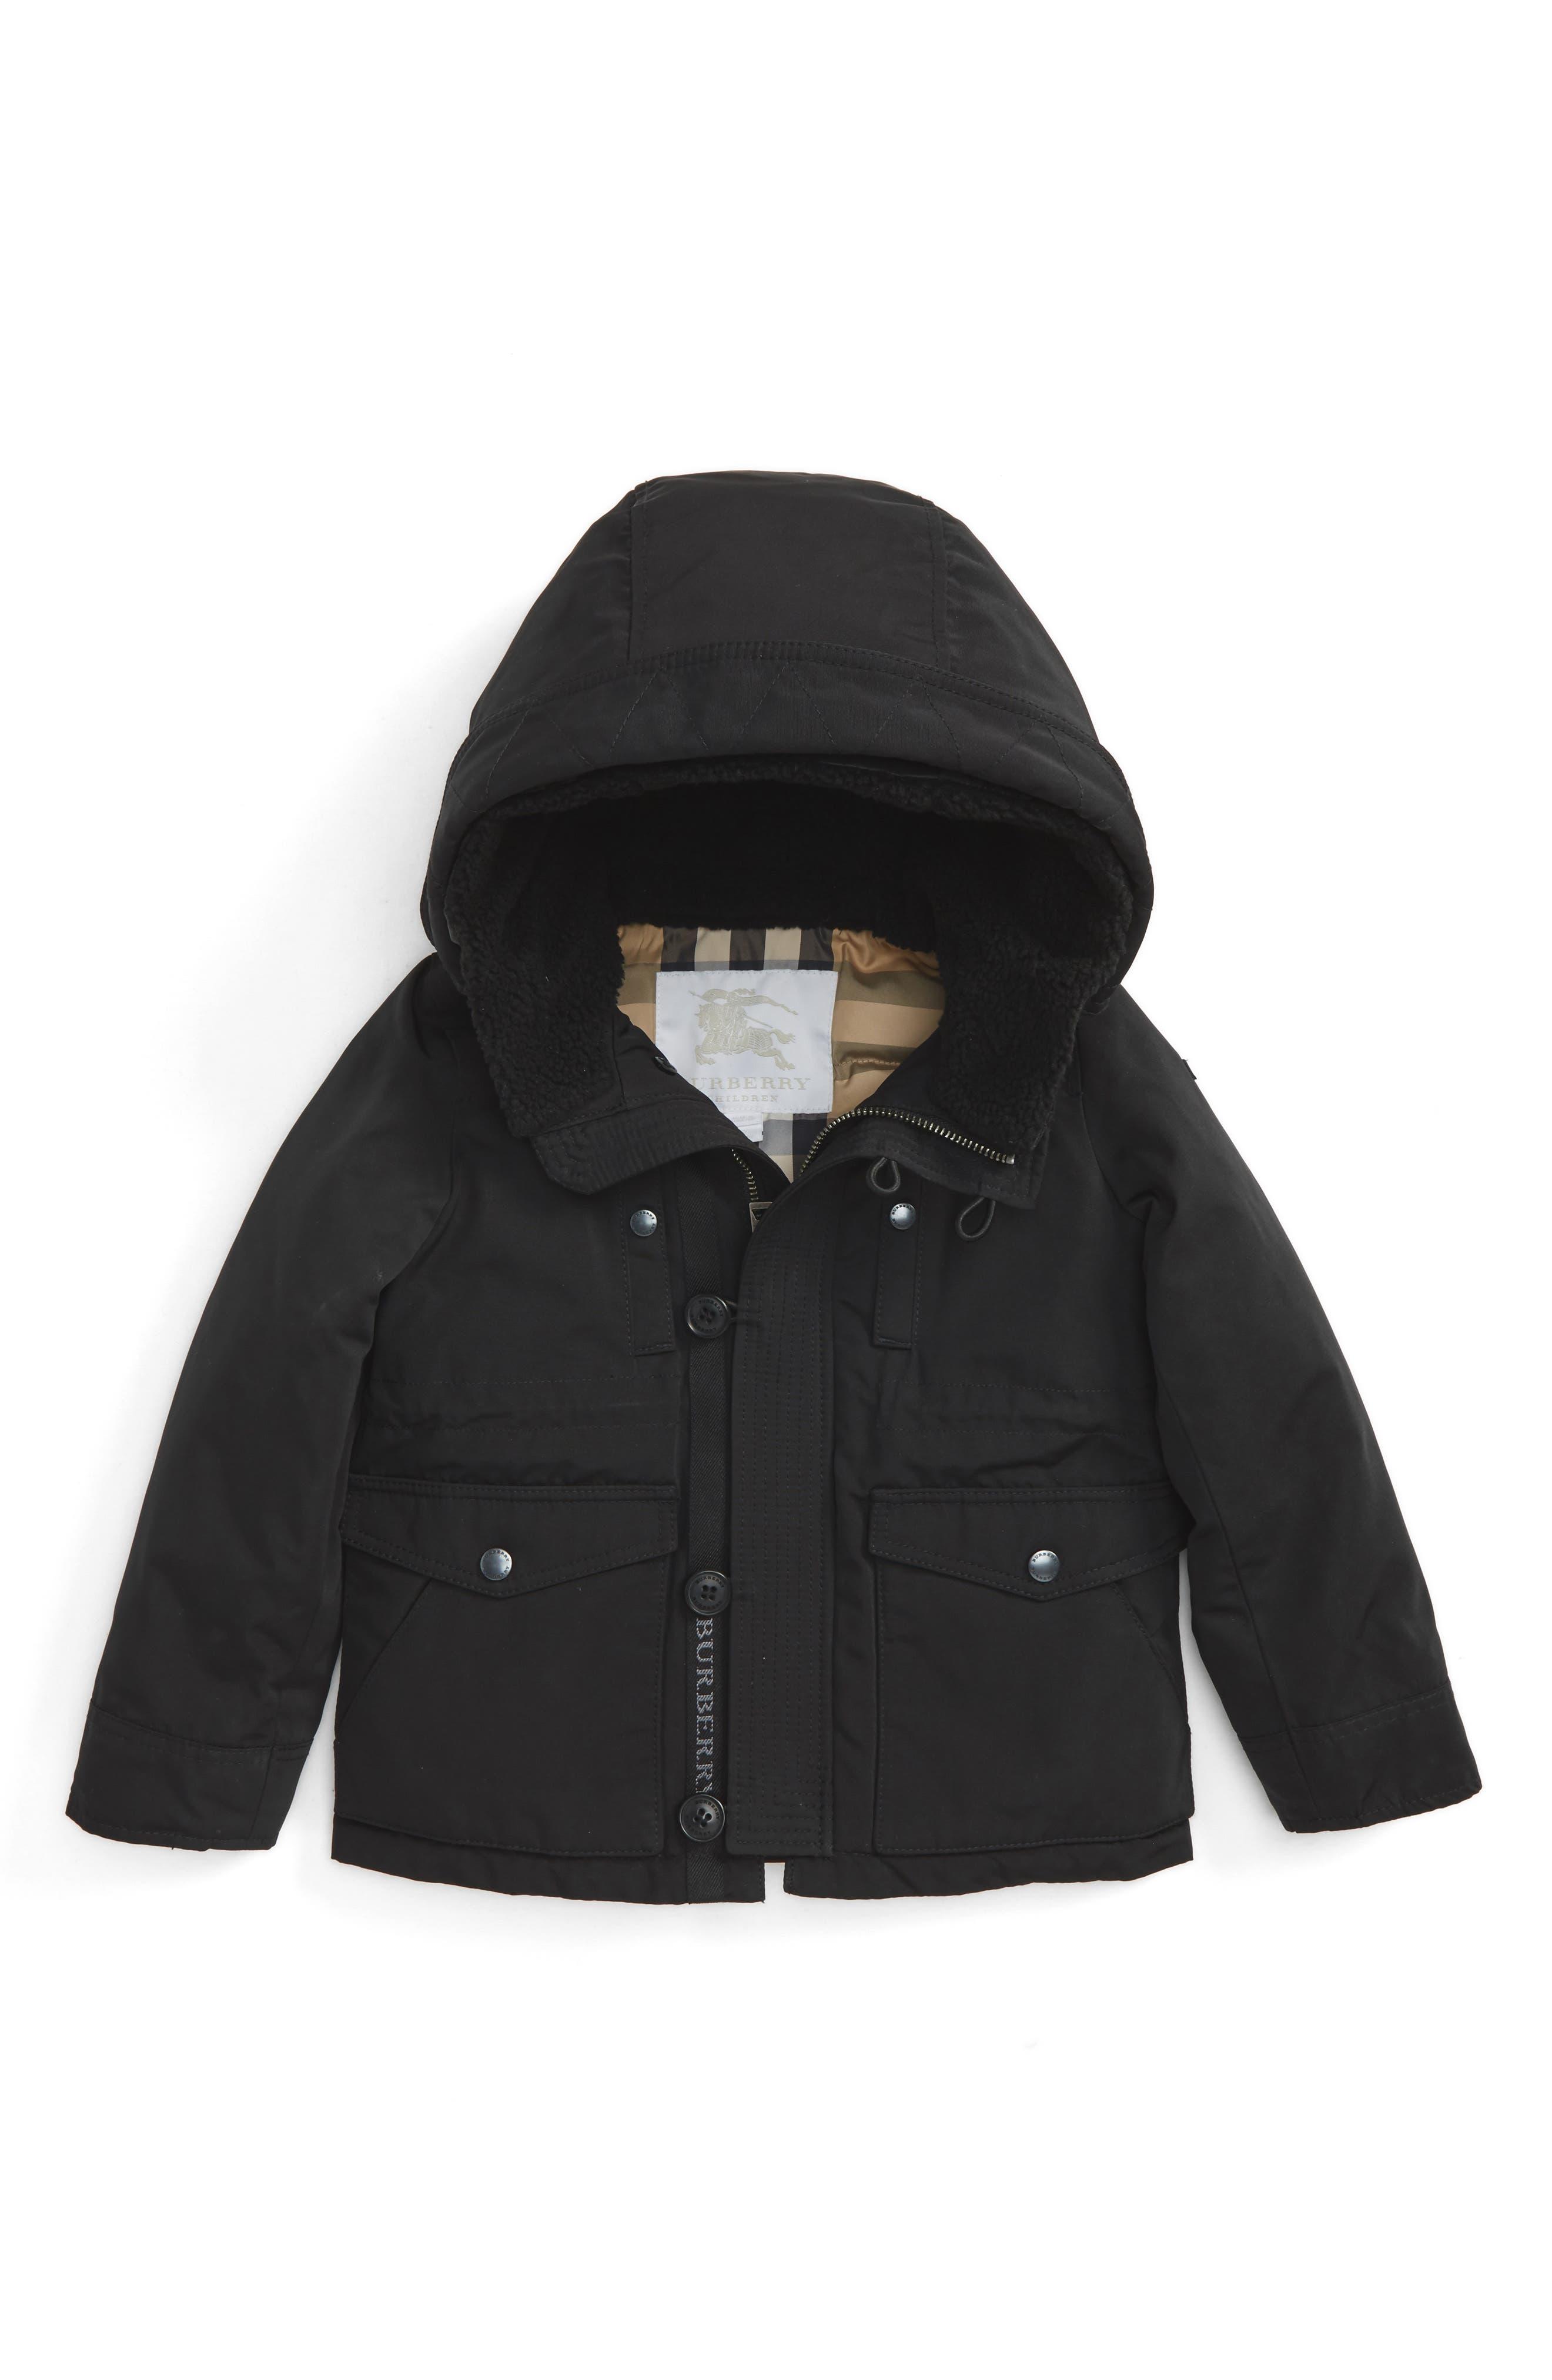 Alternate Image 1 Selected - Burberry Mini Elliott Down Jacket (Toddler Boys)